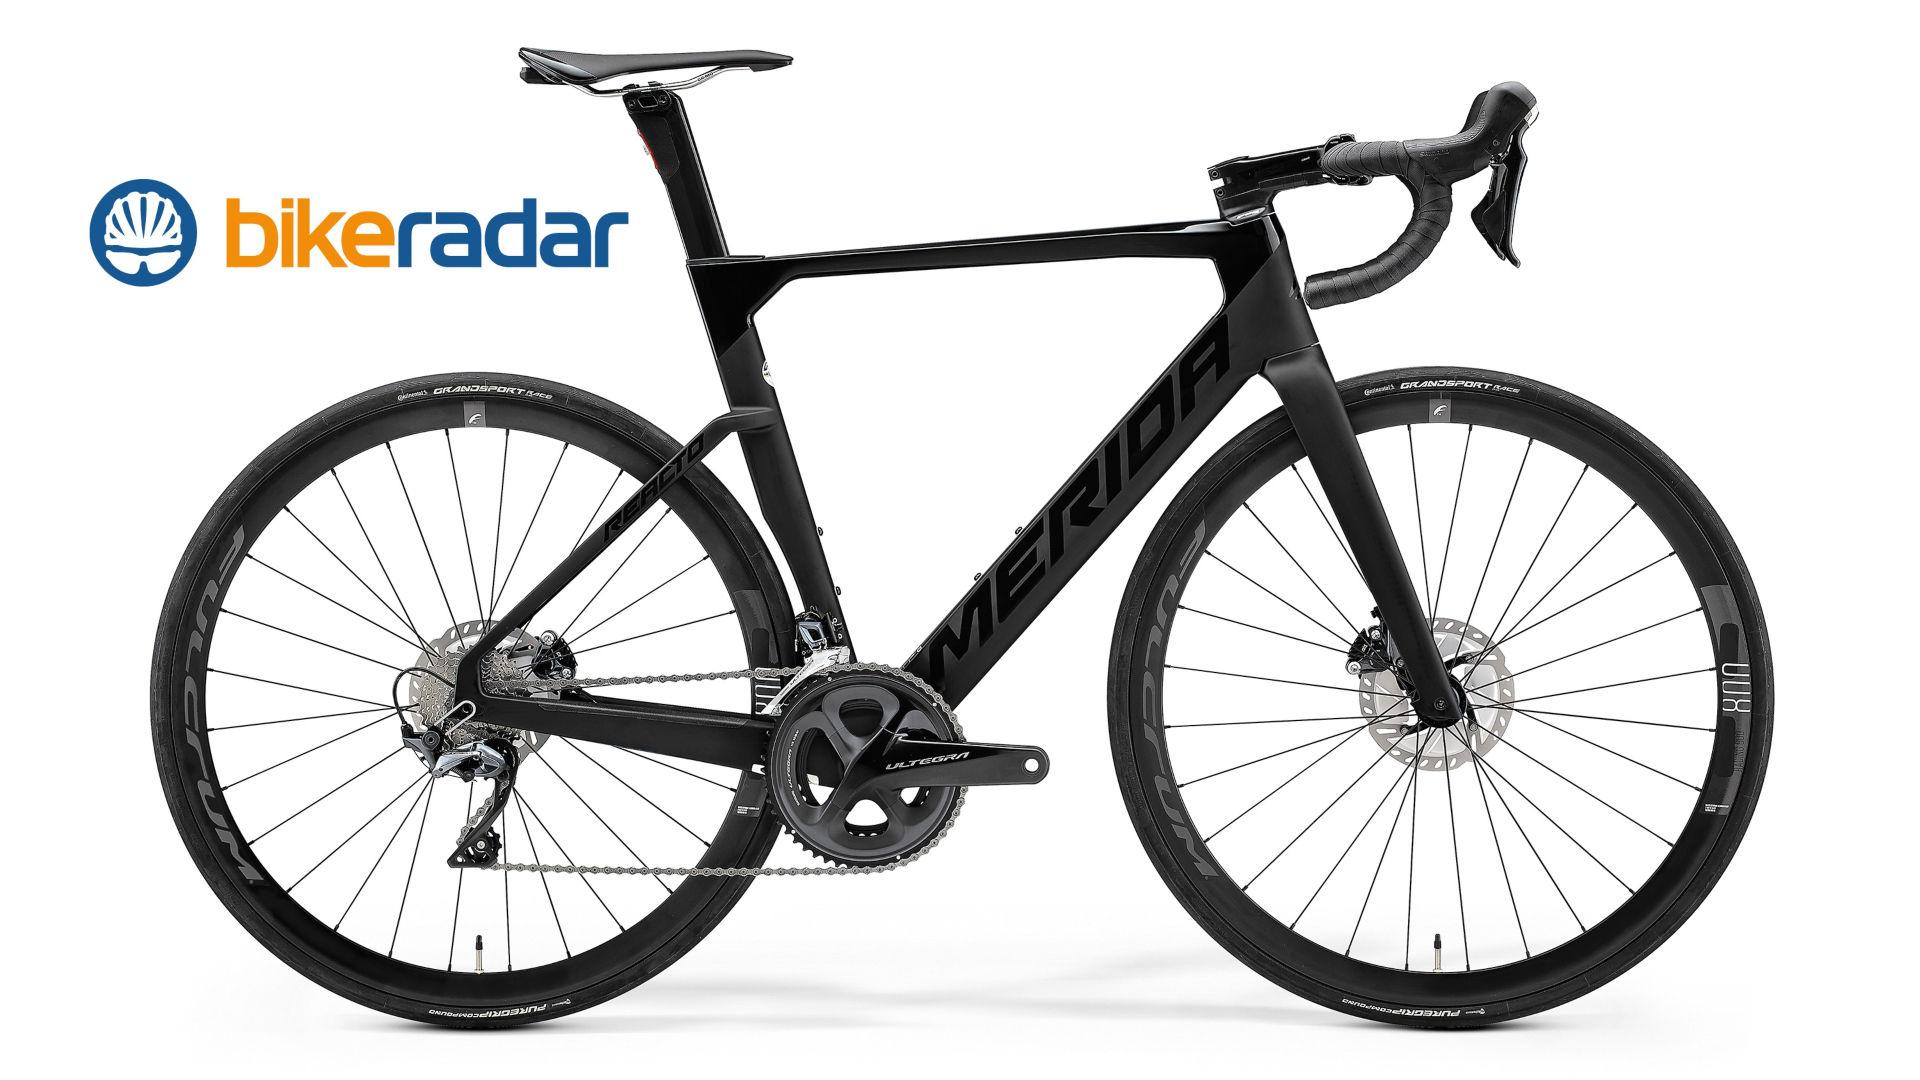 Reacto 6000, Merida Reacto, rower aero, rower szosowy, rower szosowy aero, rowery szosowe